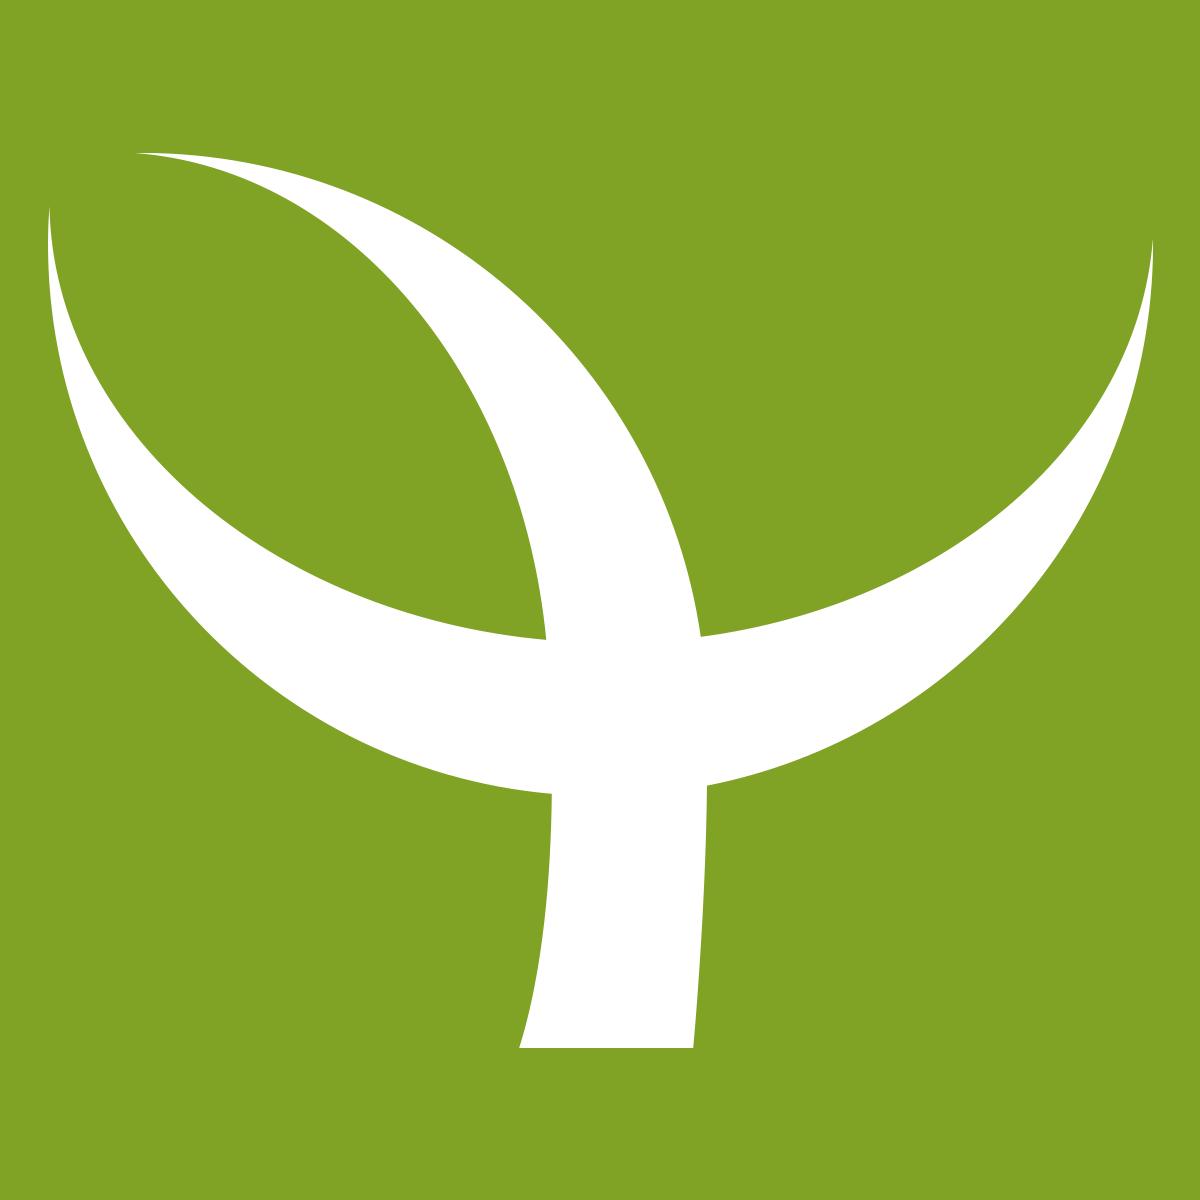 La-Esperanza-Impresores-imprenta-tenerife-etiquetas-formulario-continuo-Logo-02b